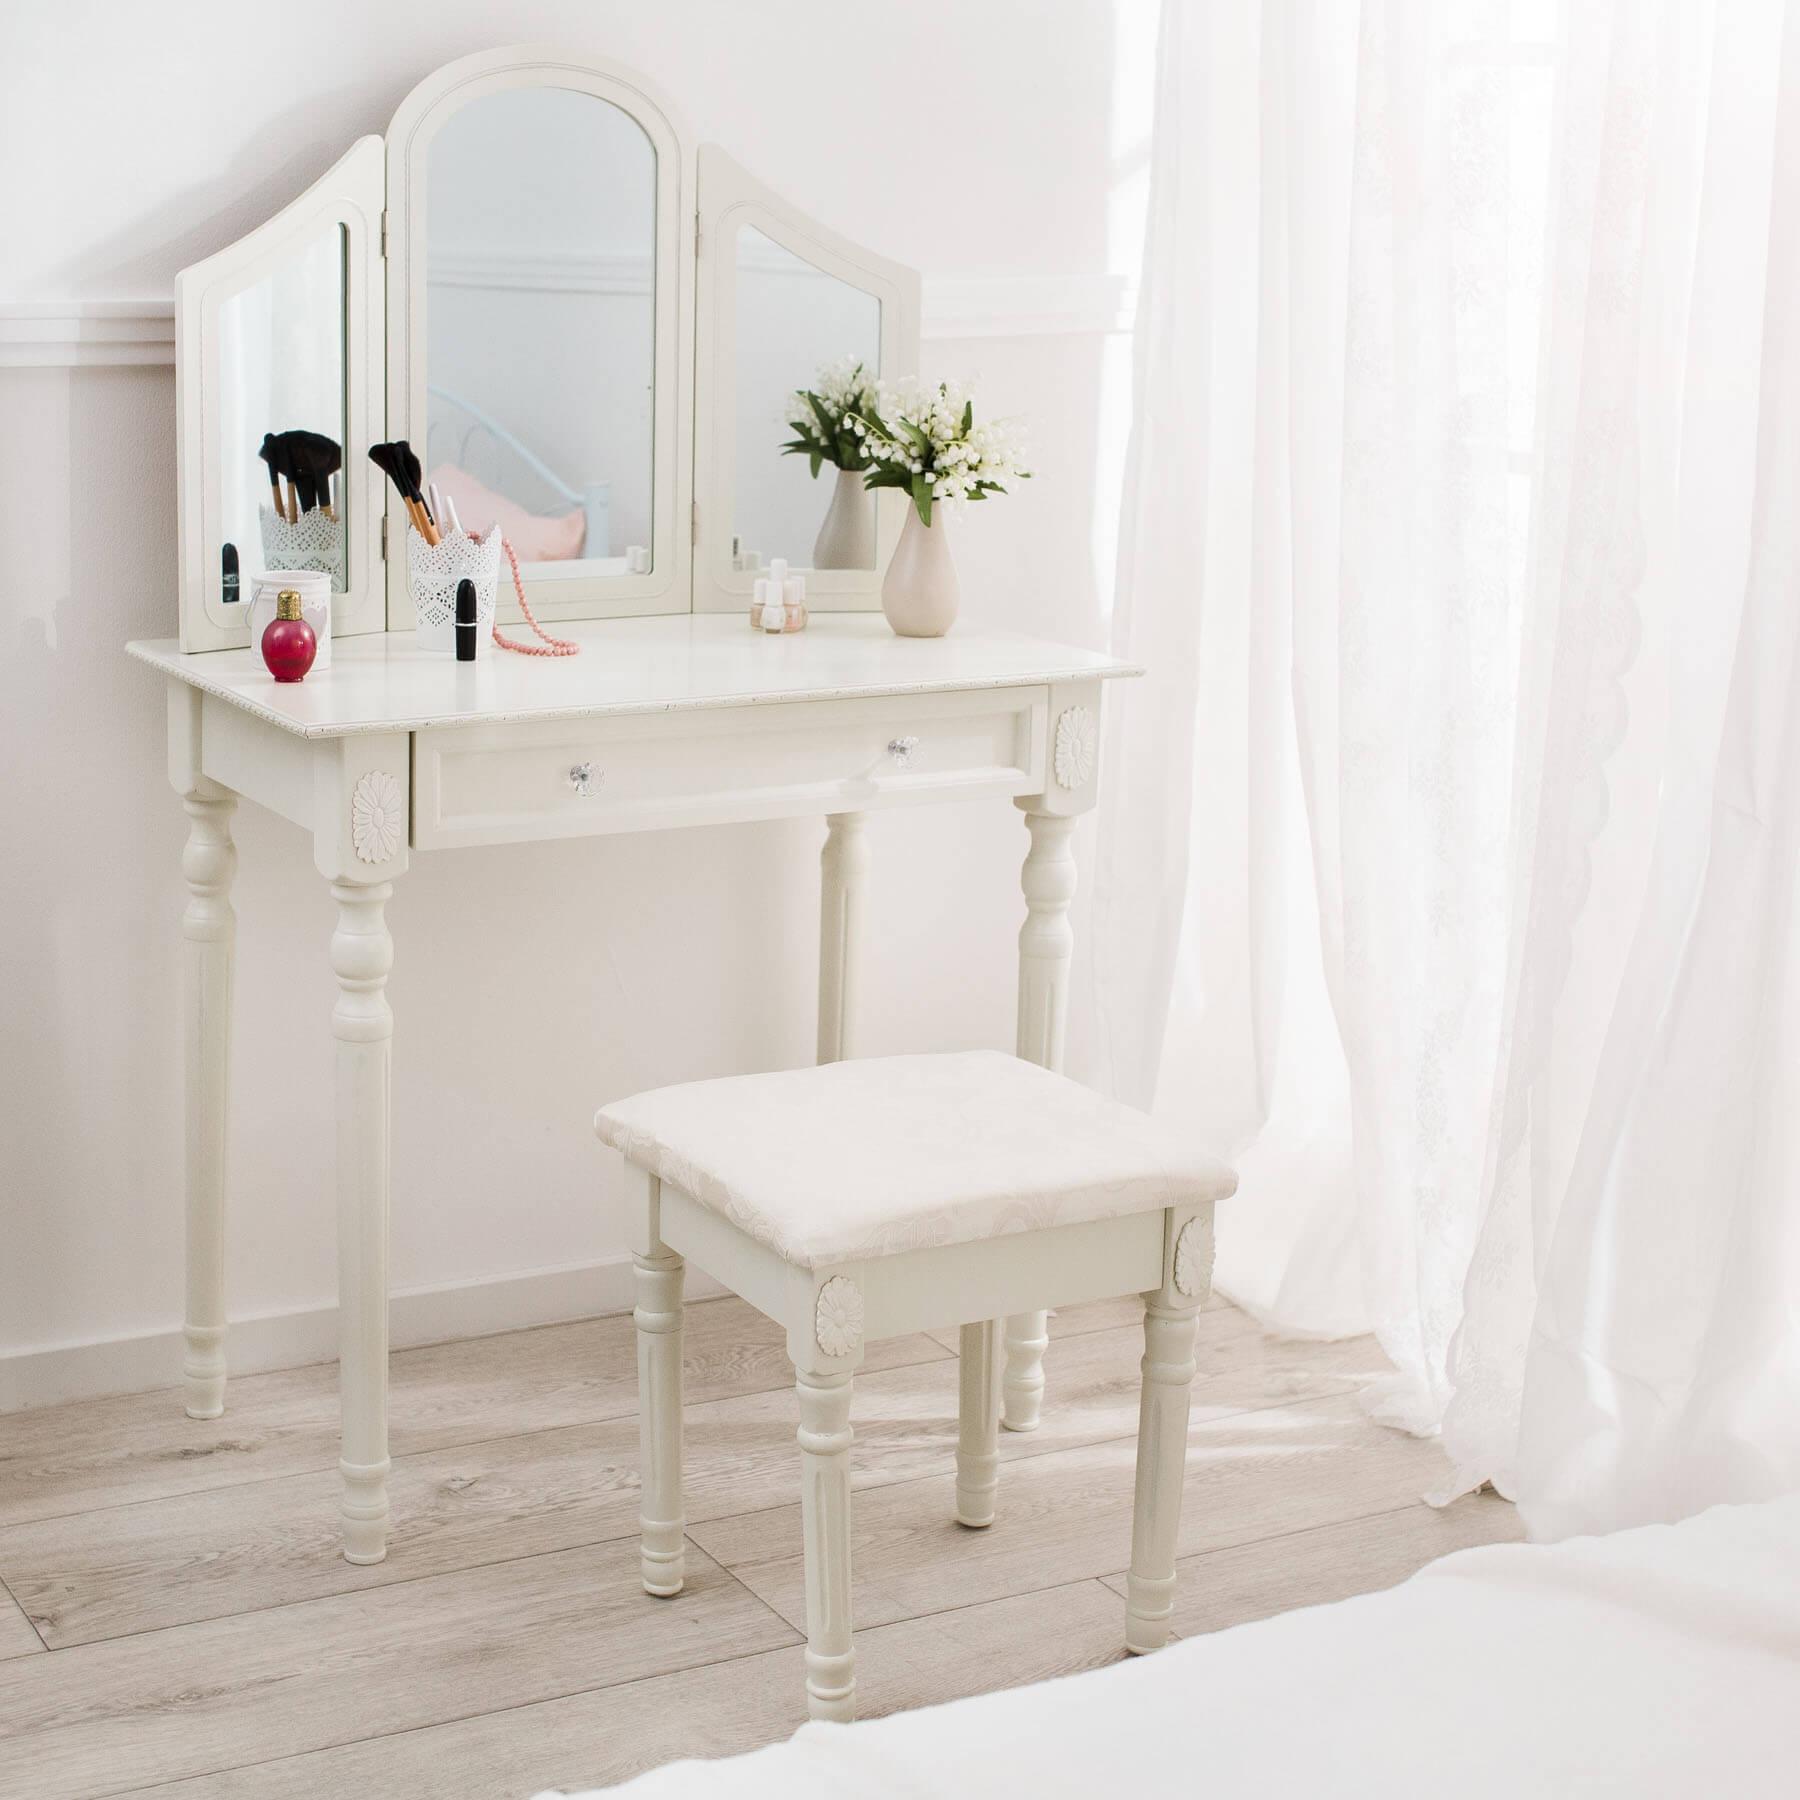 schminktisch kosmetiktisch frisierkommode frisiertisch mit spiegel hocker ebay. Black Bedroom Furniture Sets. Home Design Ideas